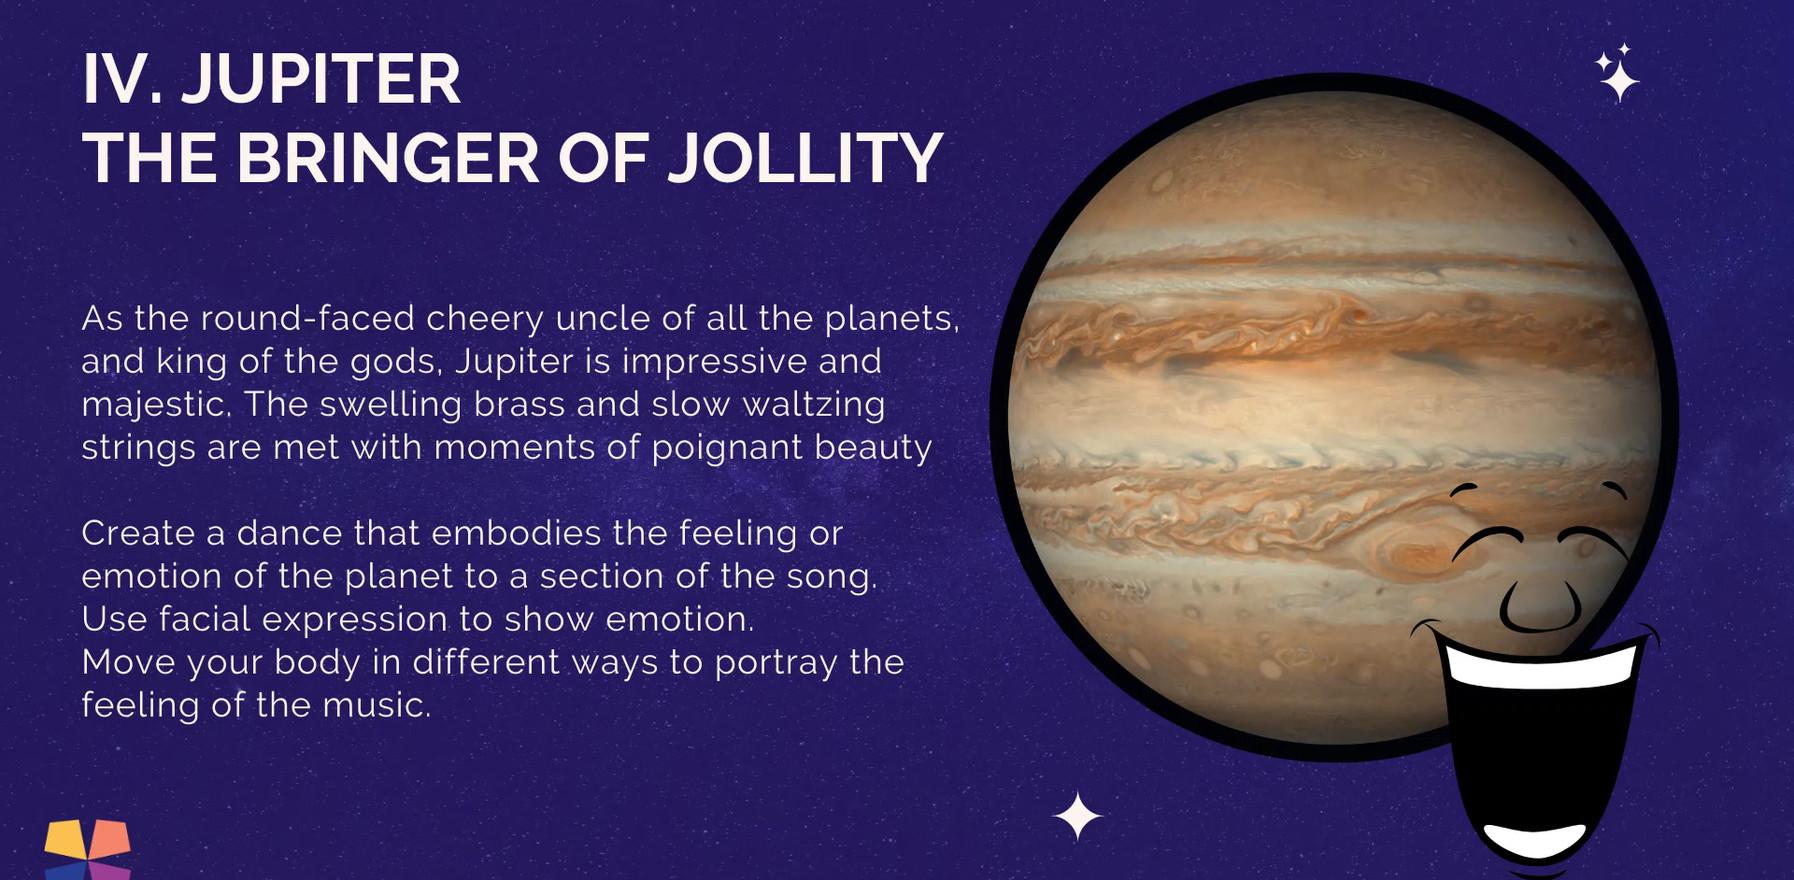 Jupiter, Bringer of Jollity